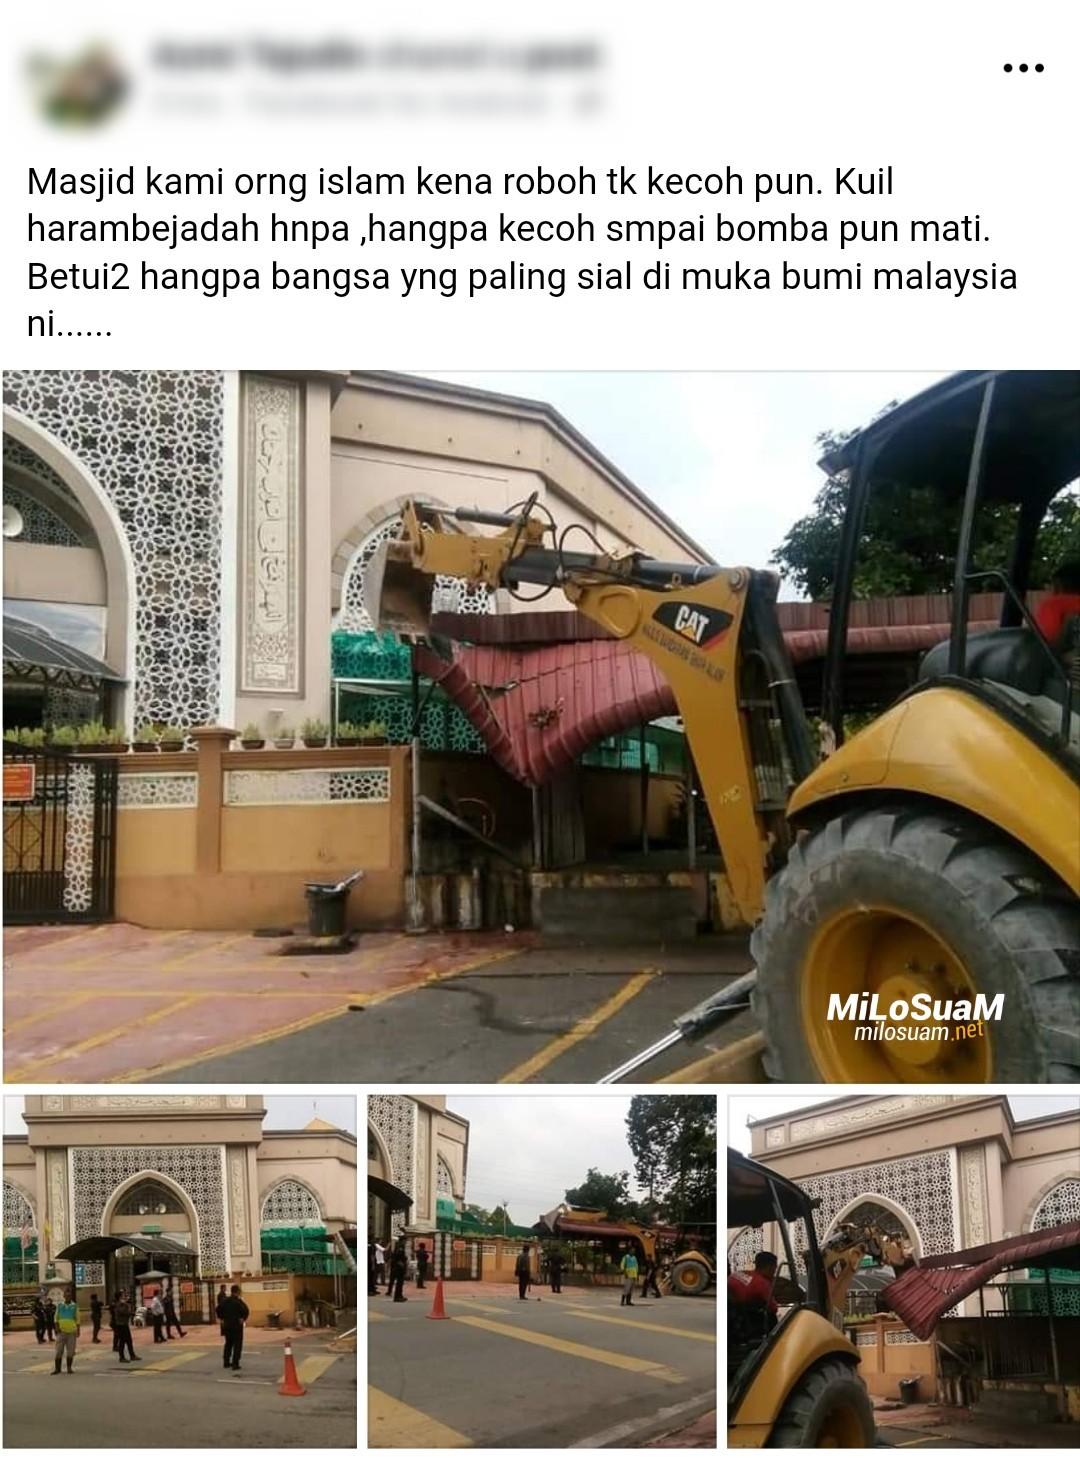 Binaan haram dekat masjid kena roboh